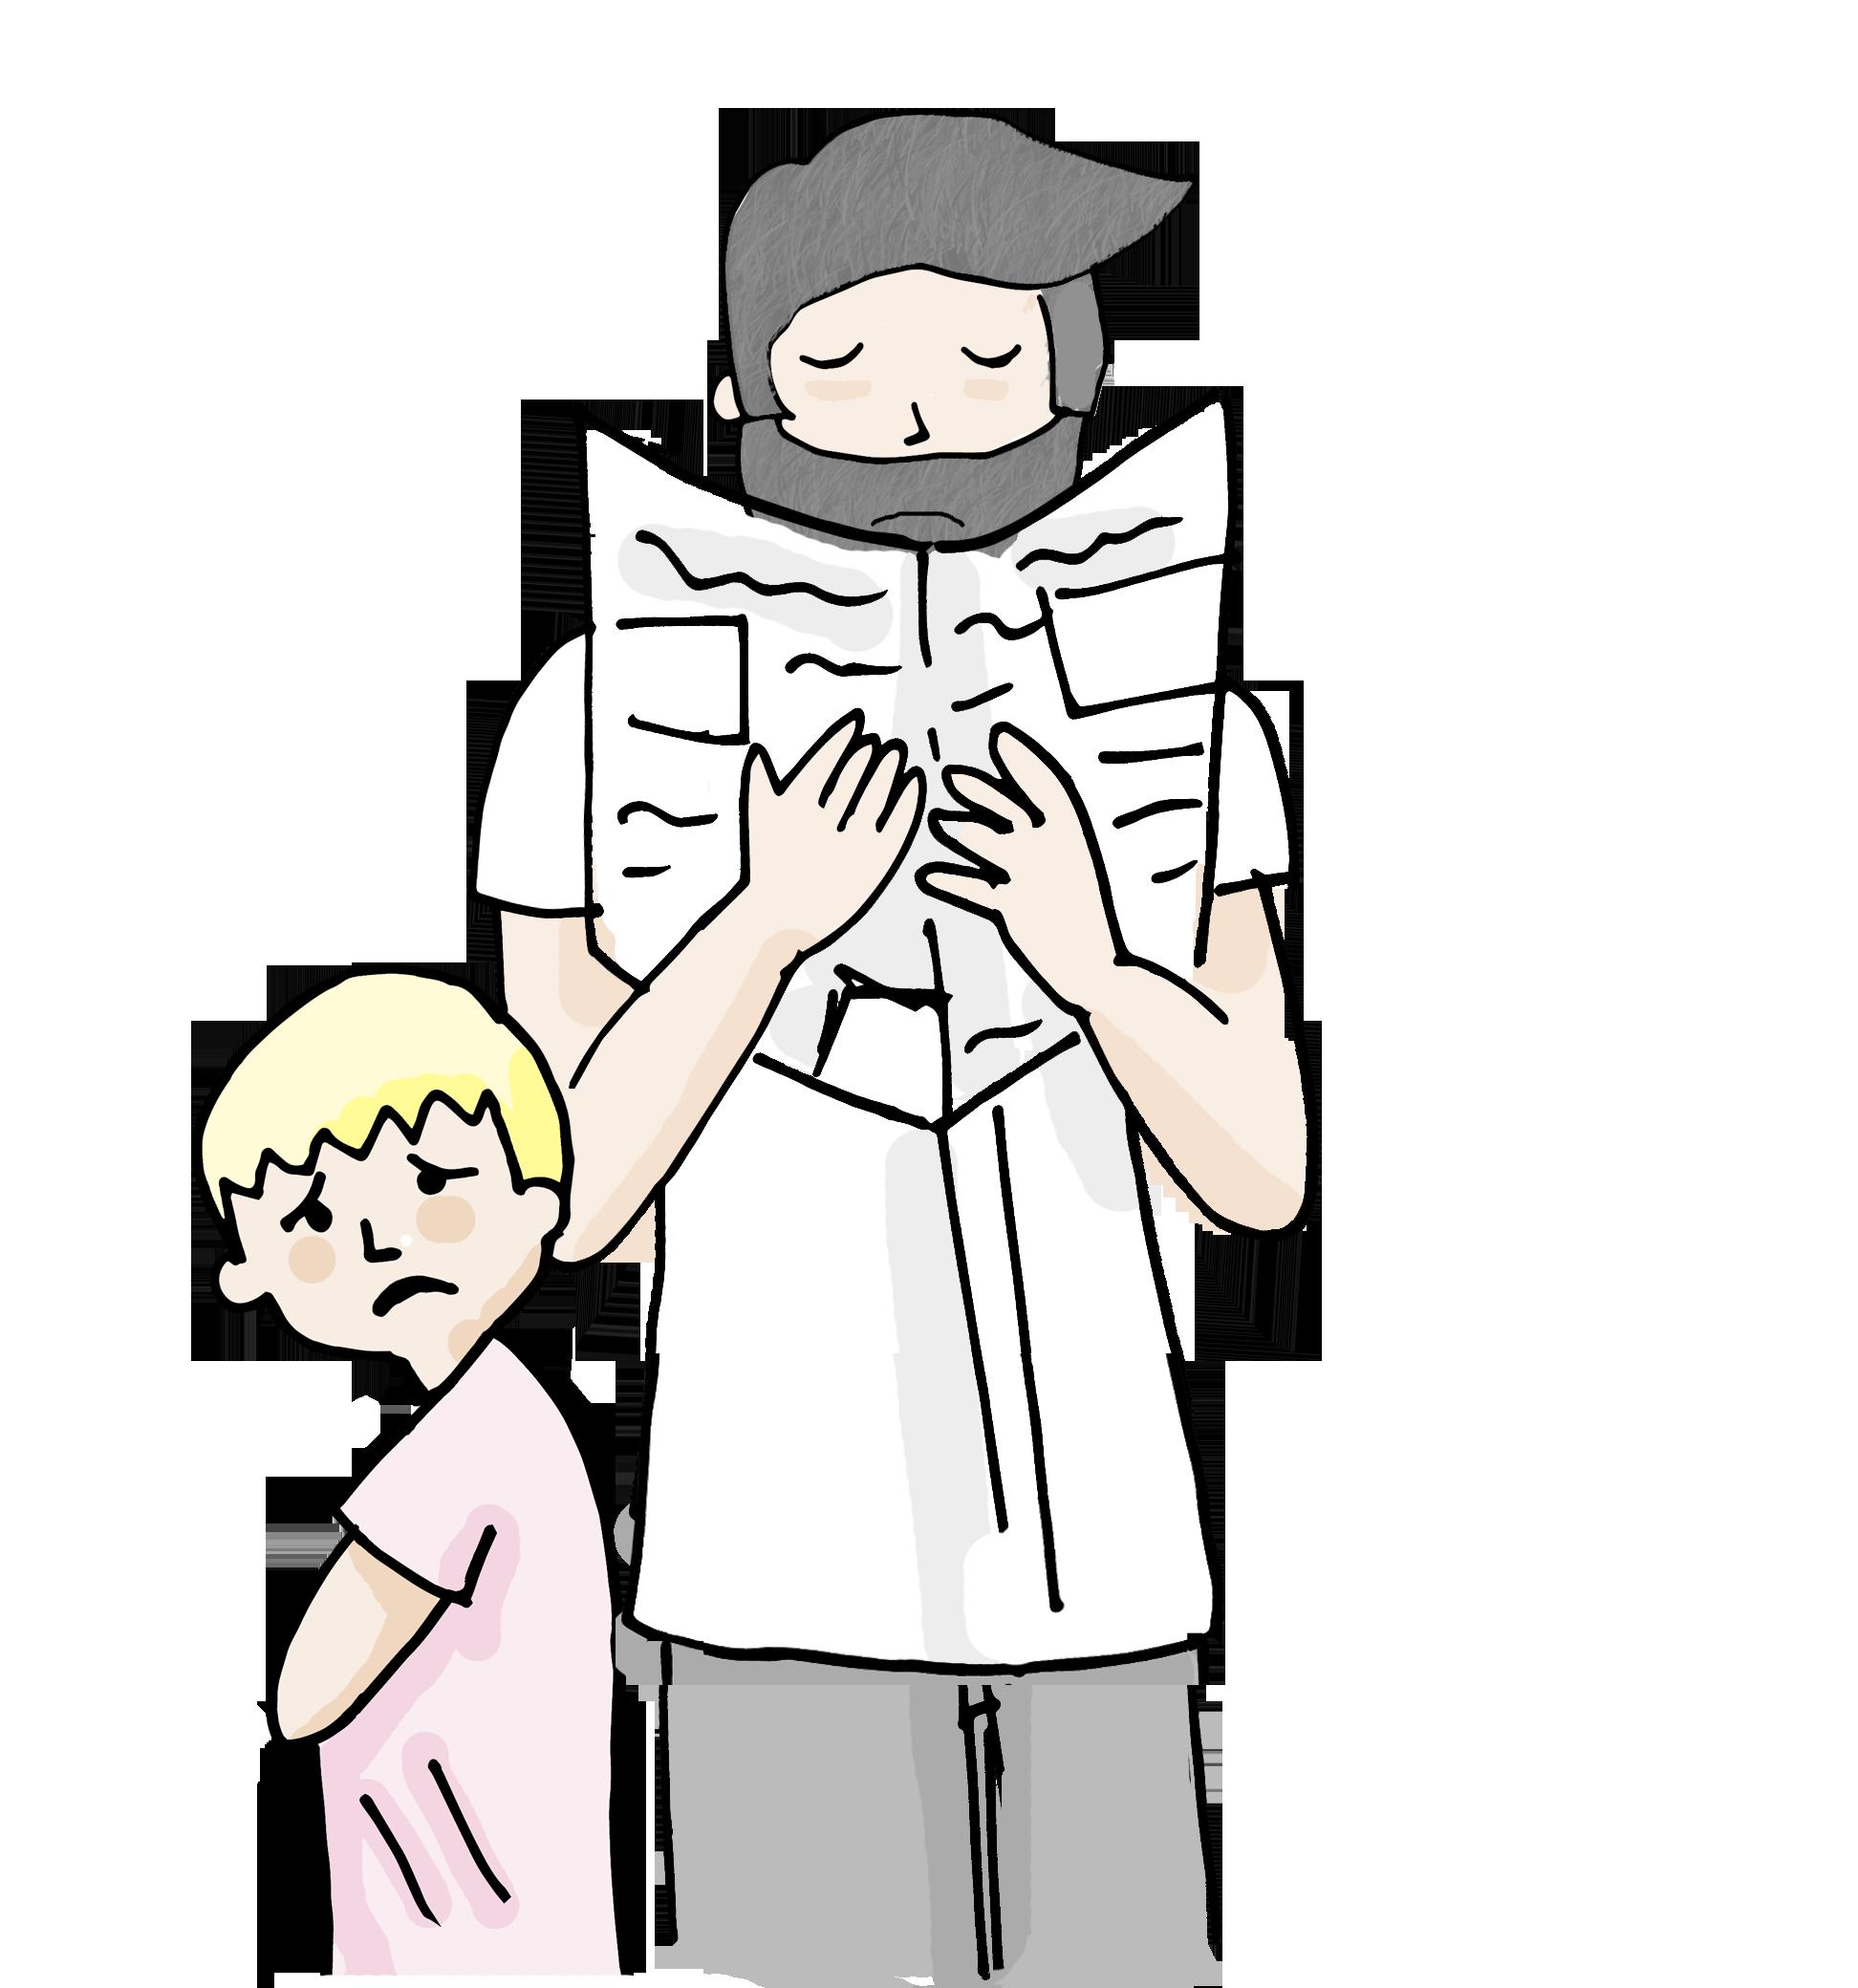 padre ausente ayudarte estudio psicologia